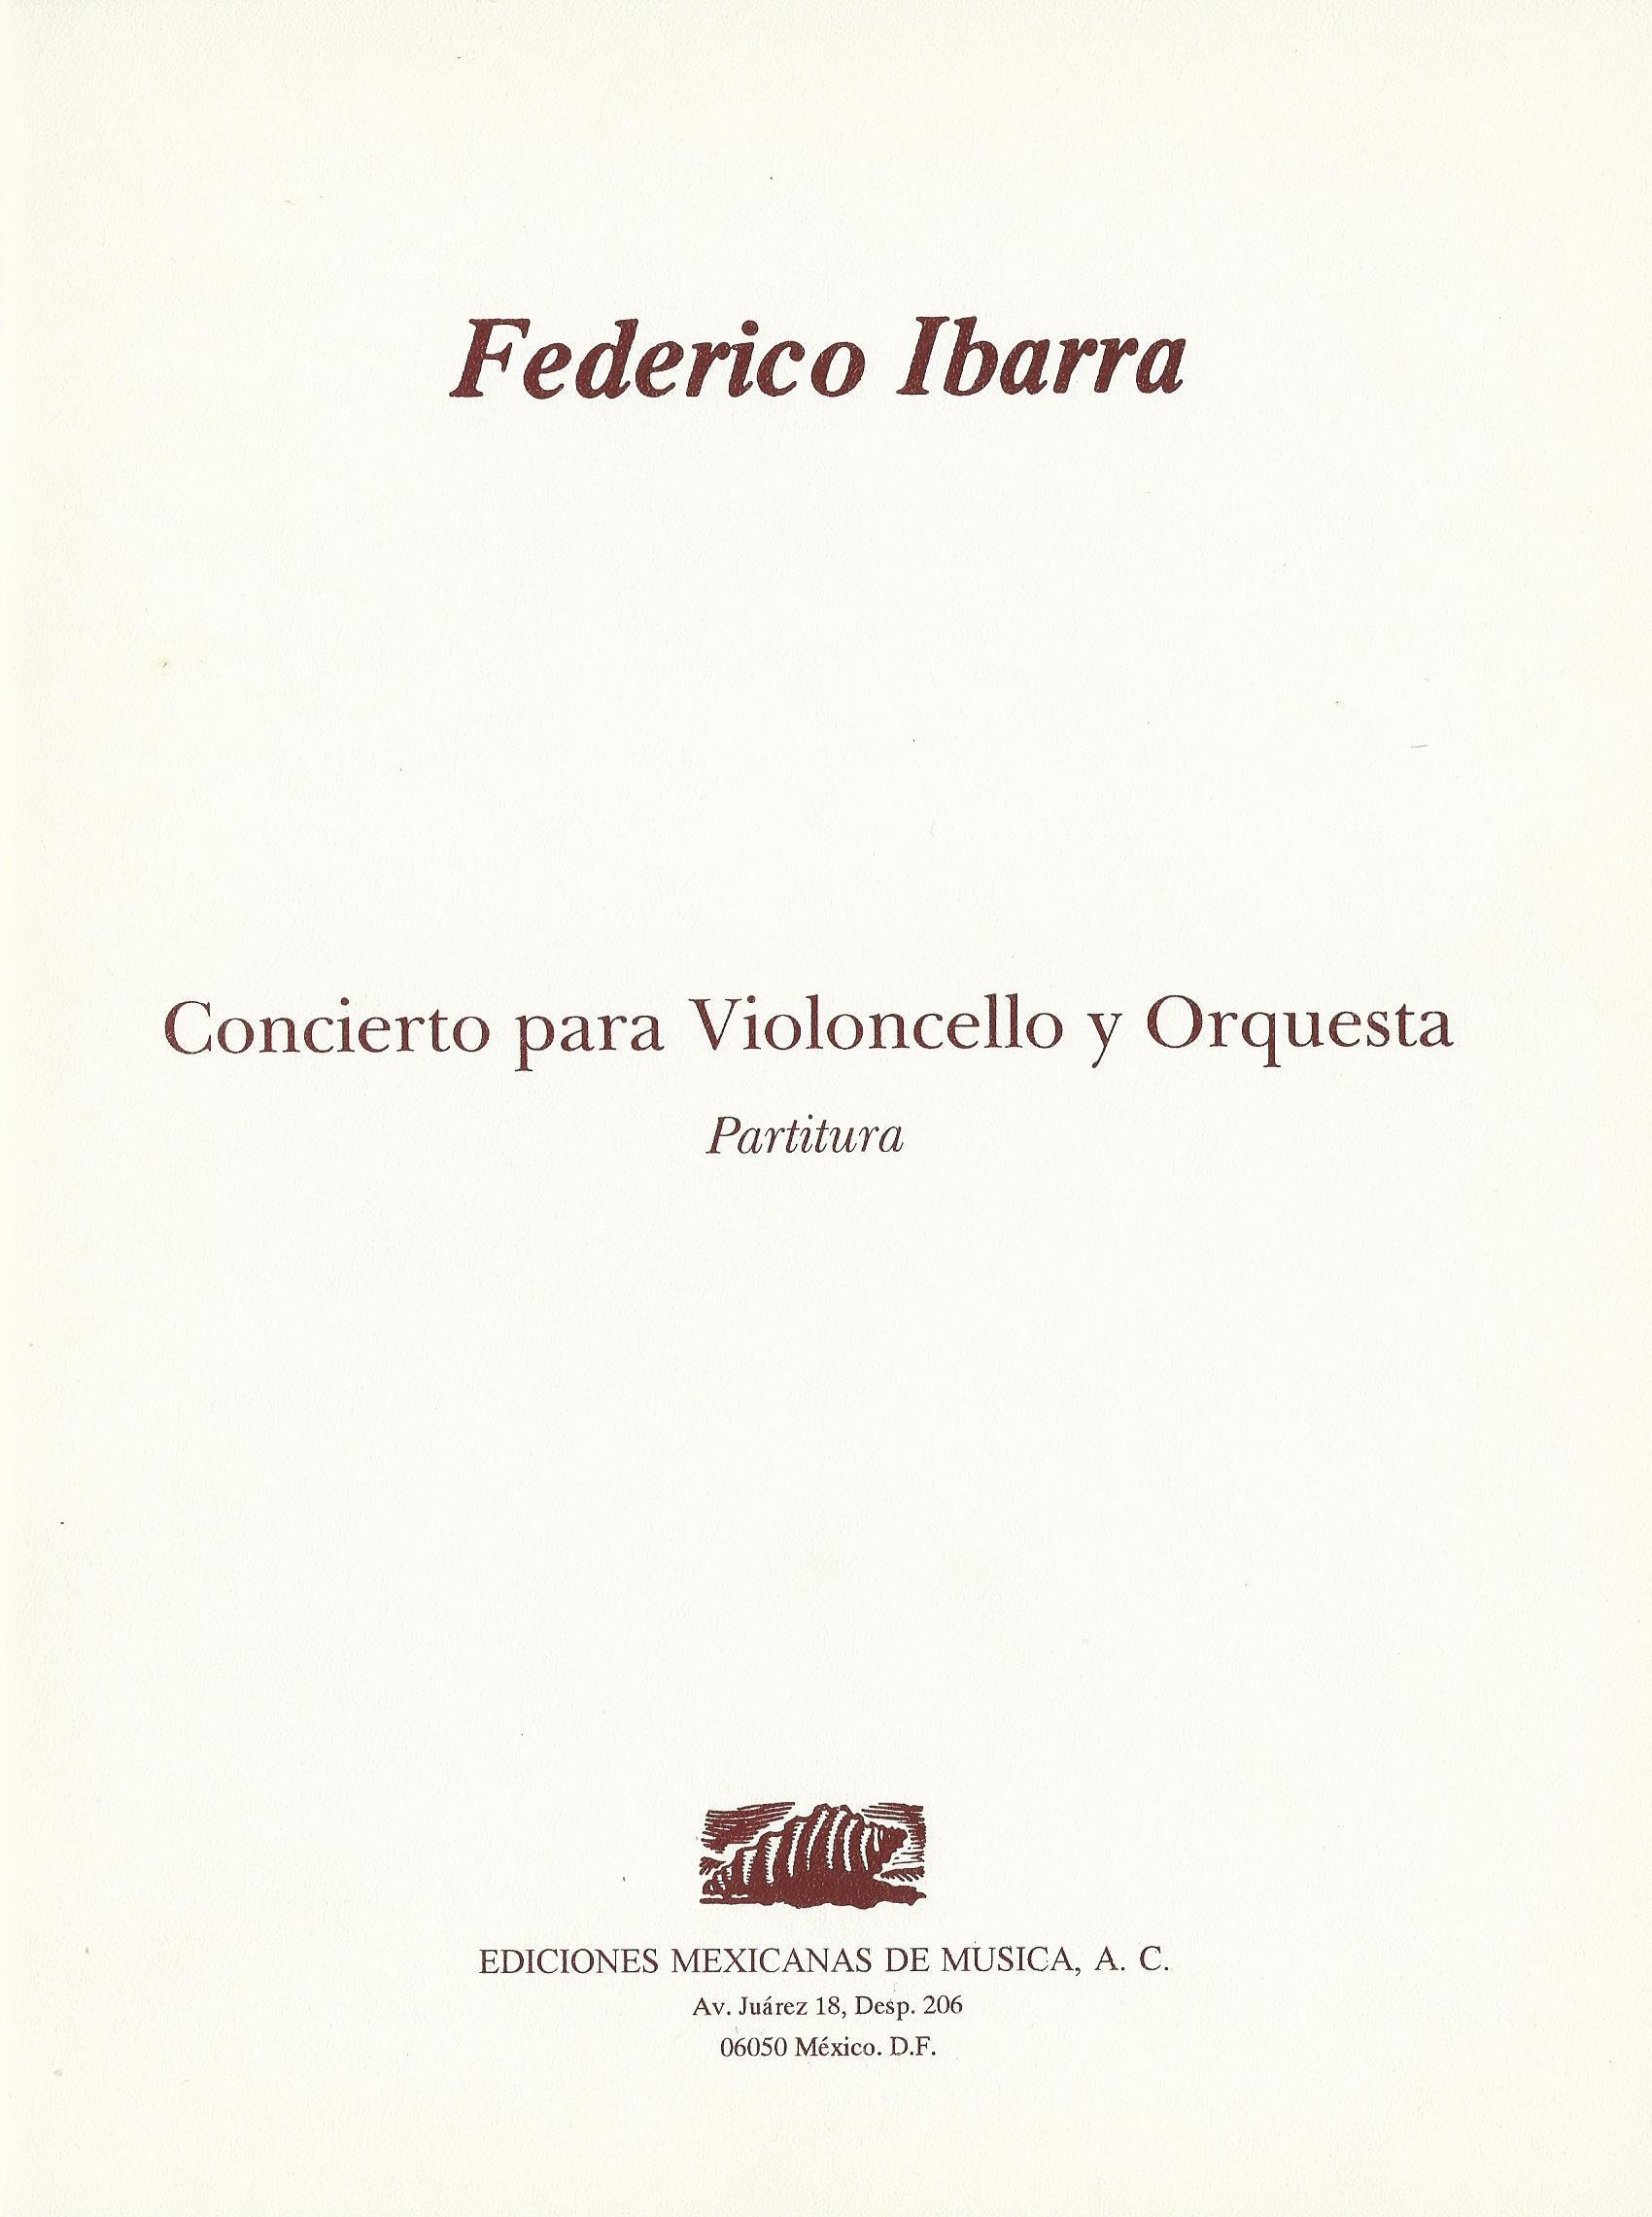 IBARRA FEDERICO - Concierto para violoncello y orquesta 01.jpg